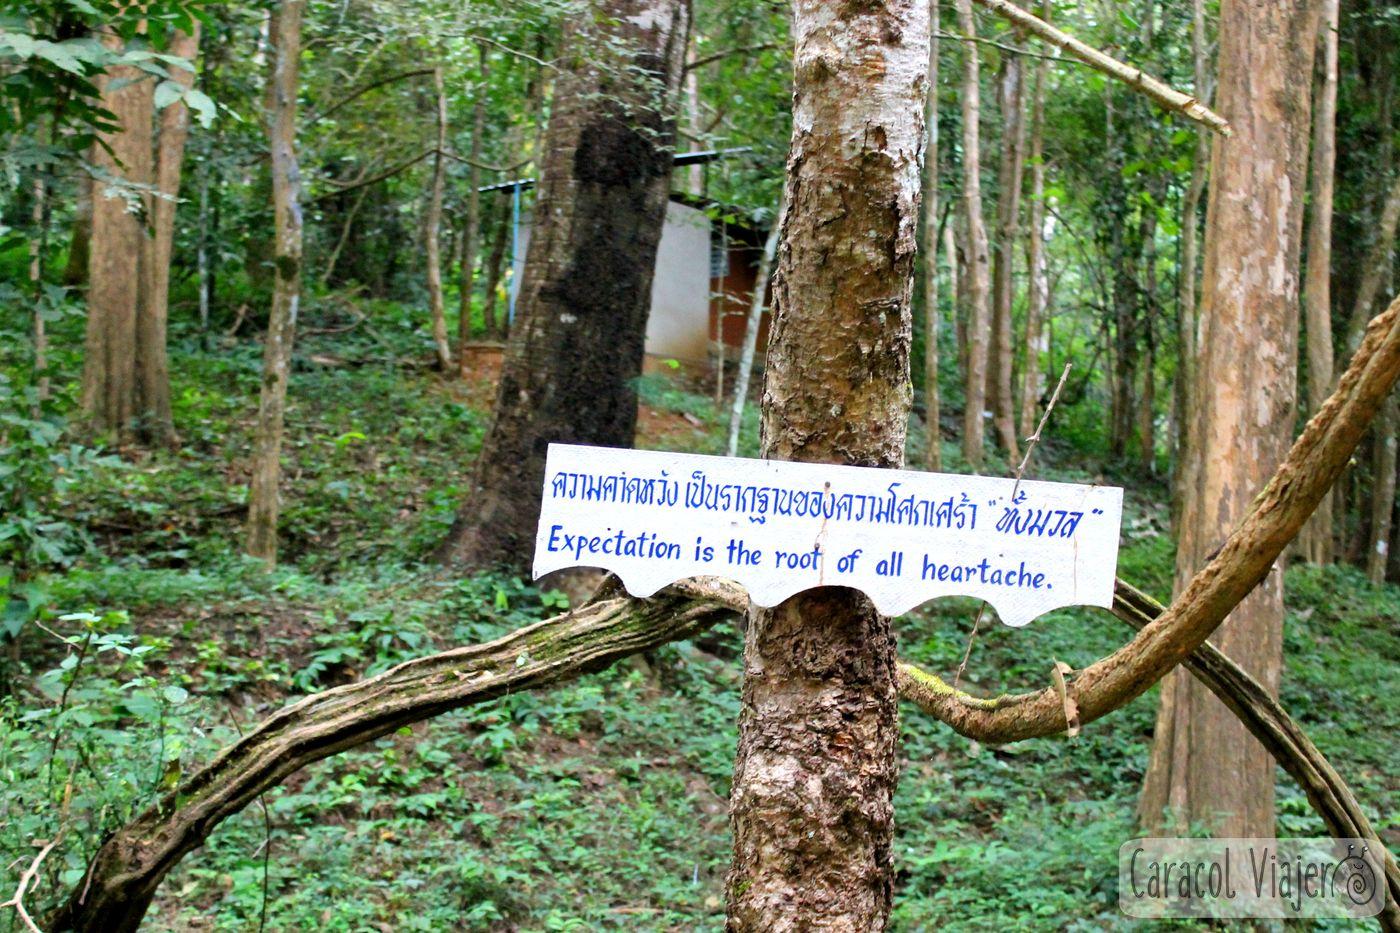 Tailandés cartel